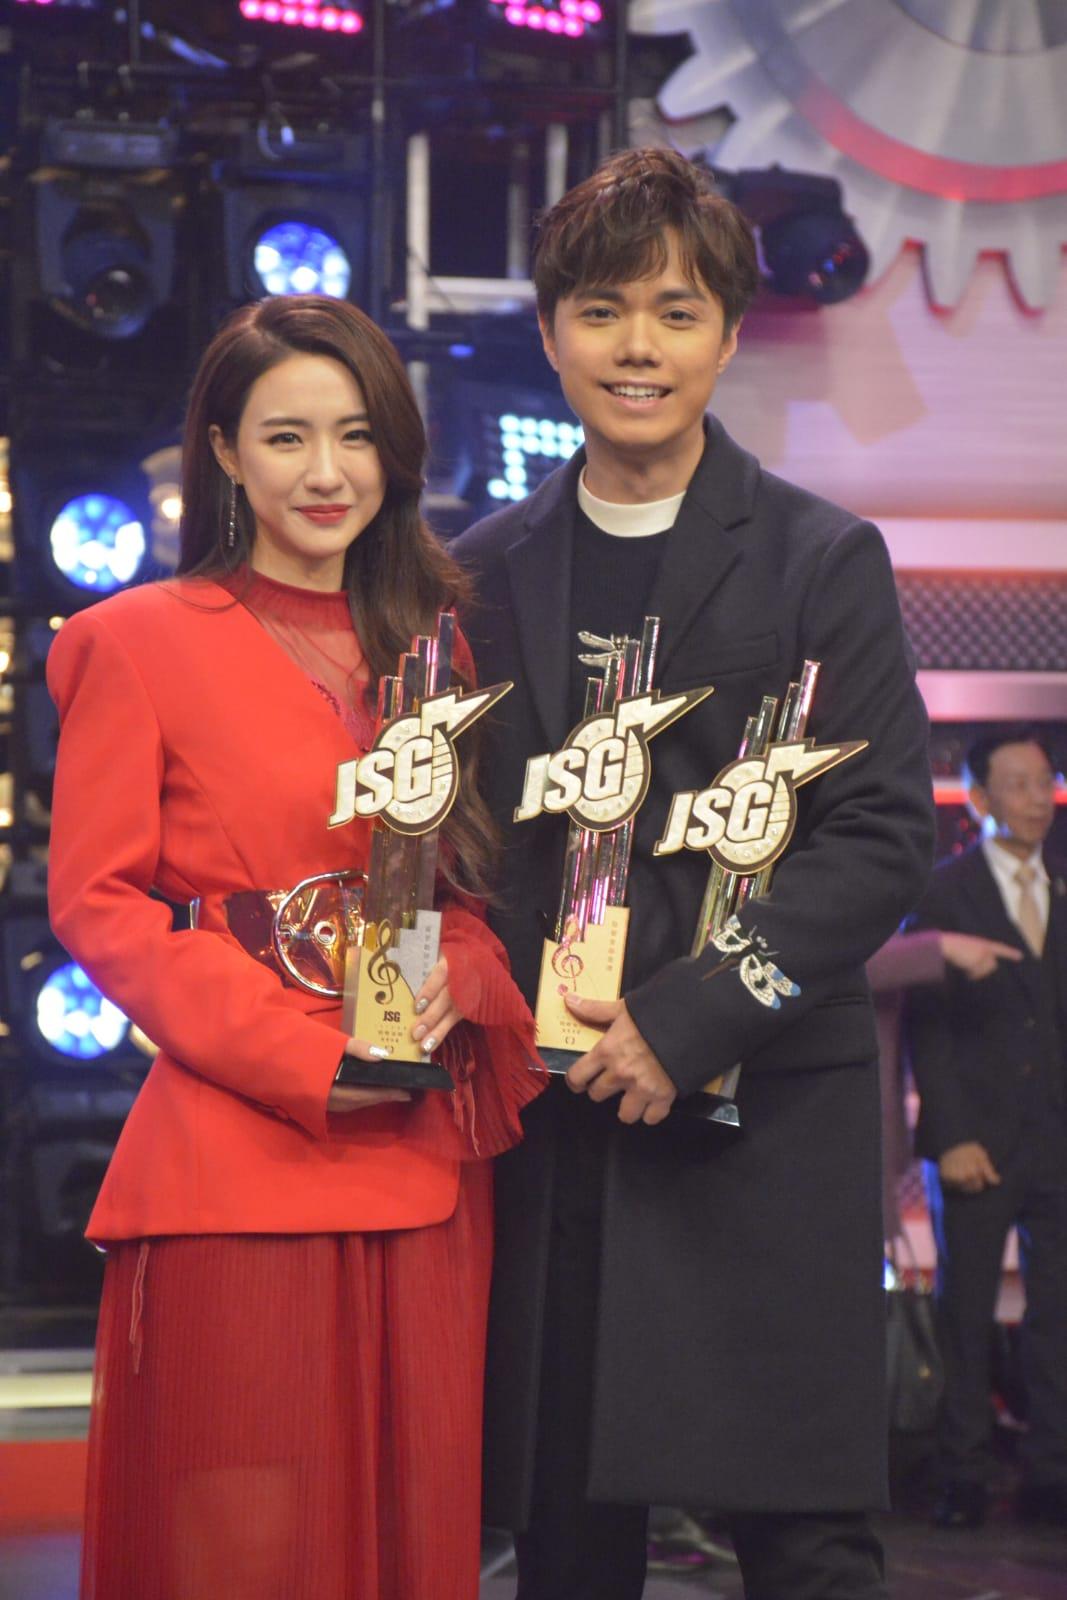 菊梓喬(HANA)、張敬軒分別奪得「最受歡迎女歌星」和「最受歡迎男歌星」。